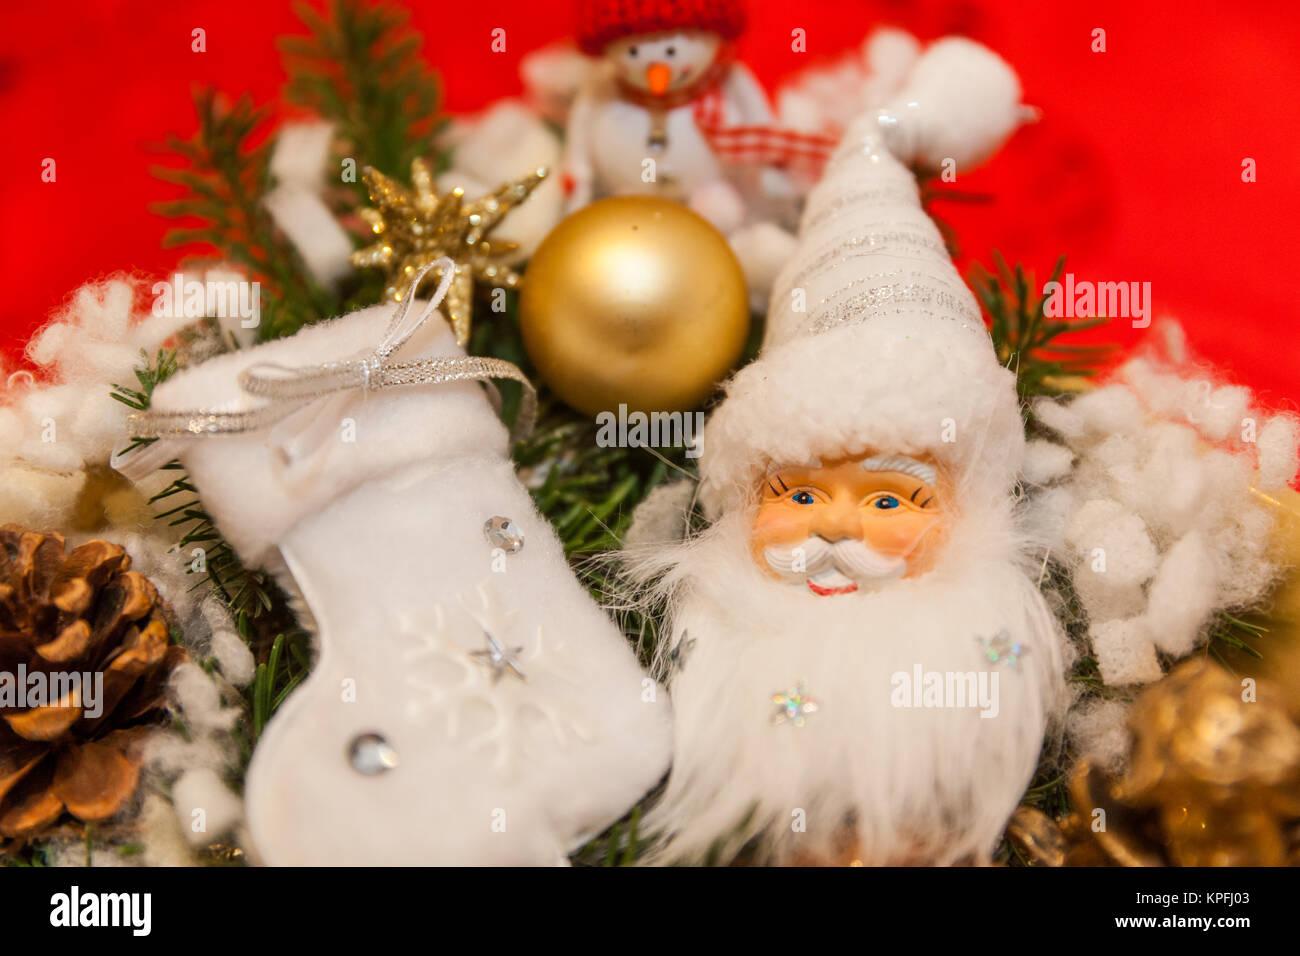 motiv f r weihnachtskarte weihnachten stockfoto bild. Black Bedroom Furniture Sets. Home Design Ideas